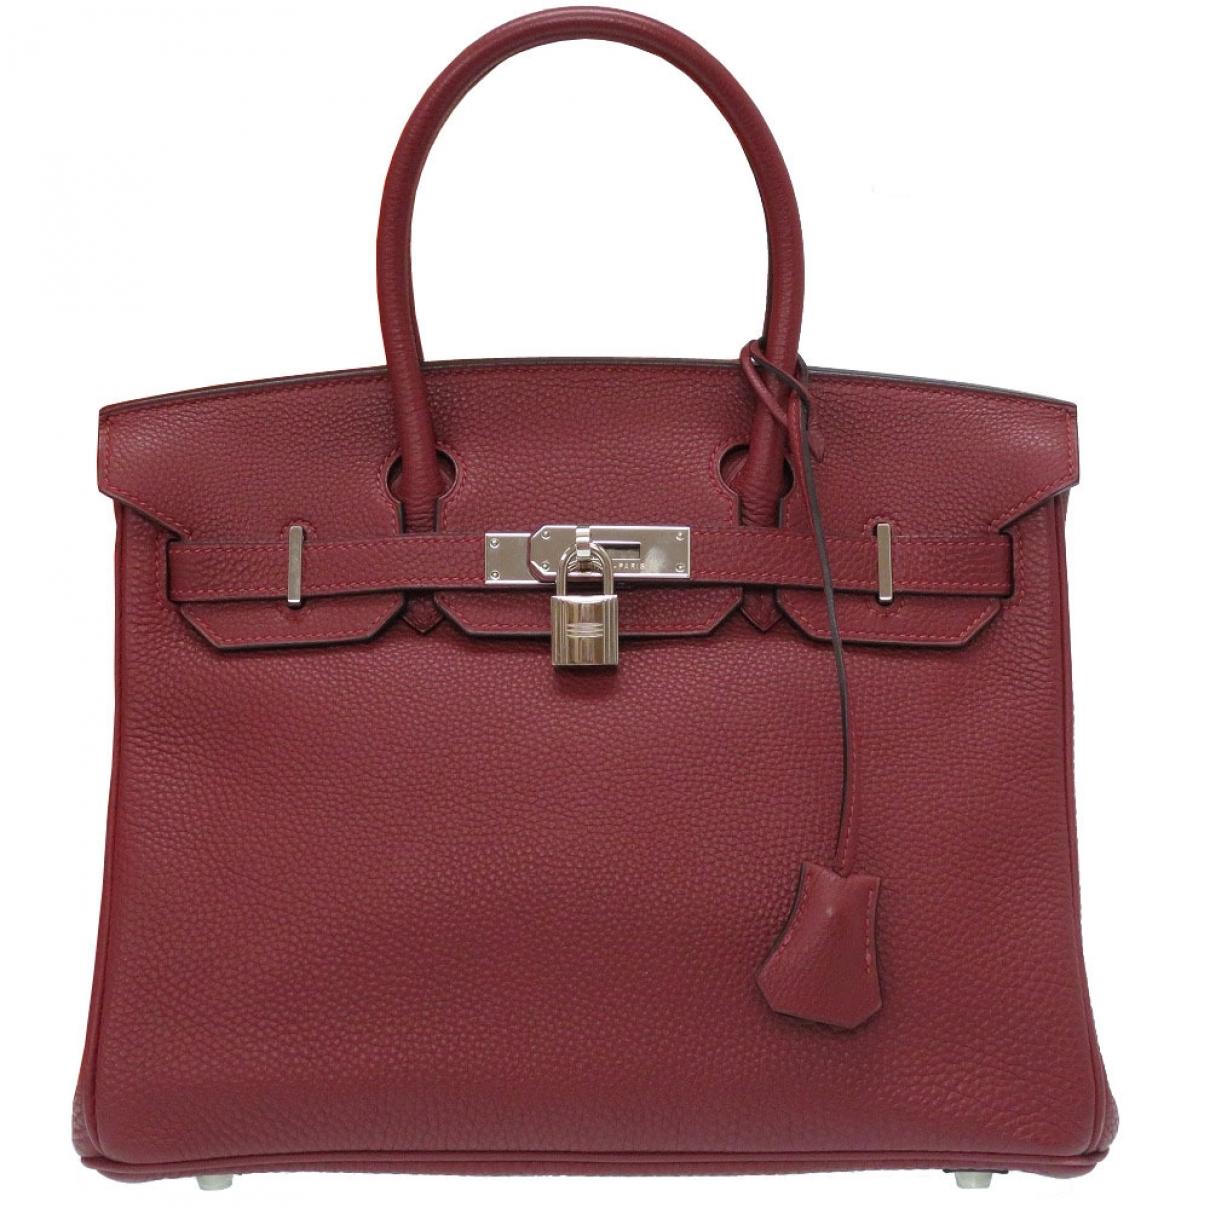 Hermes Birkin 30 Handtasche in  Bordeauxrot Leder